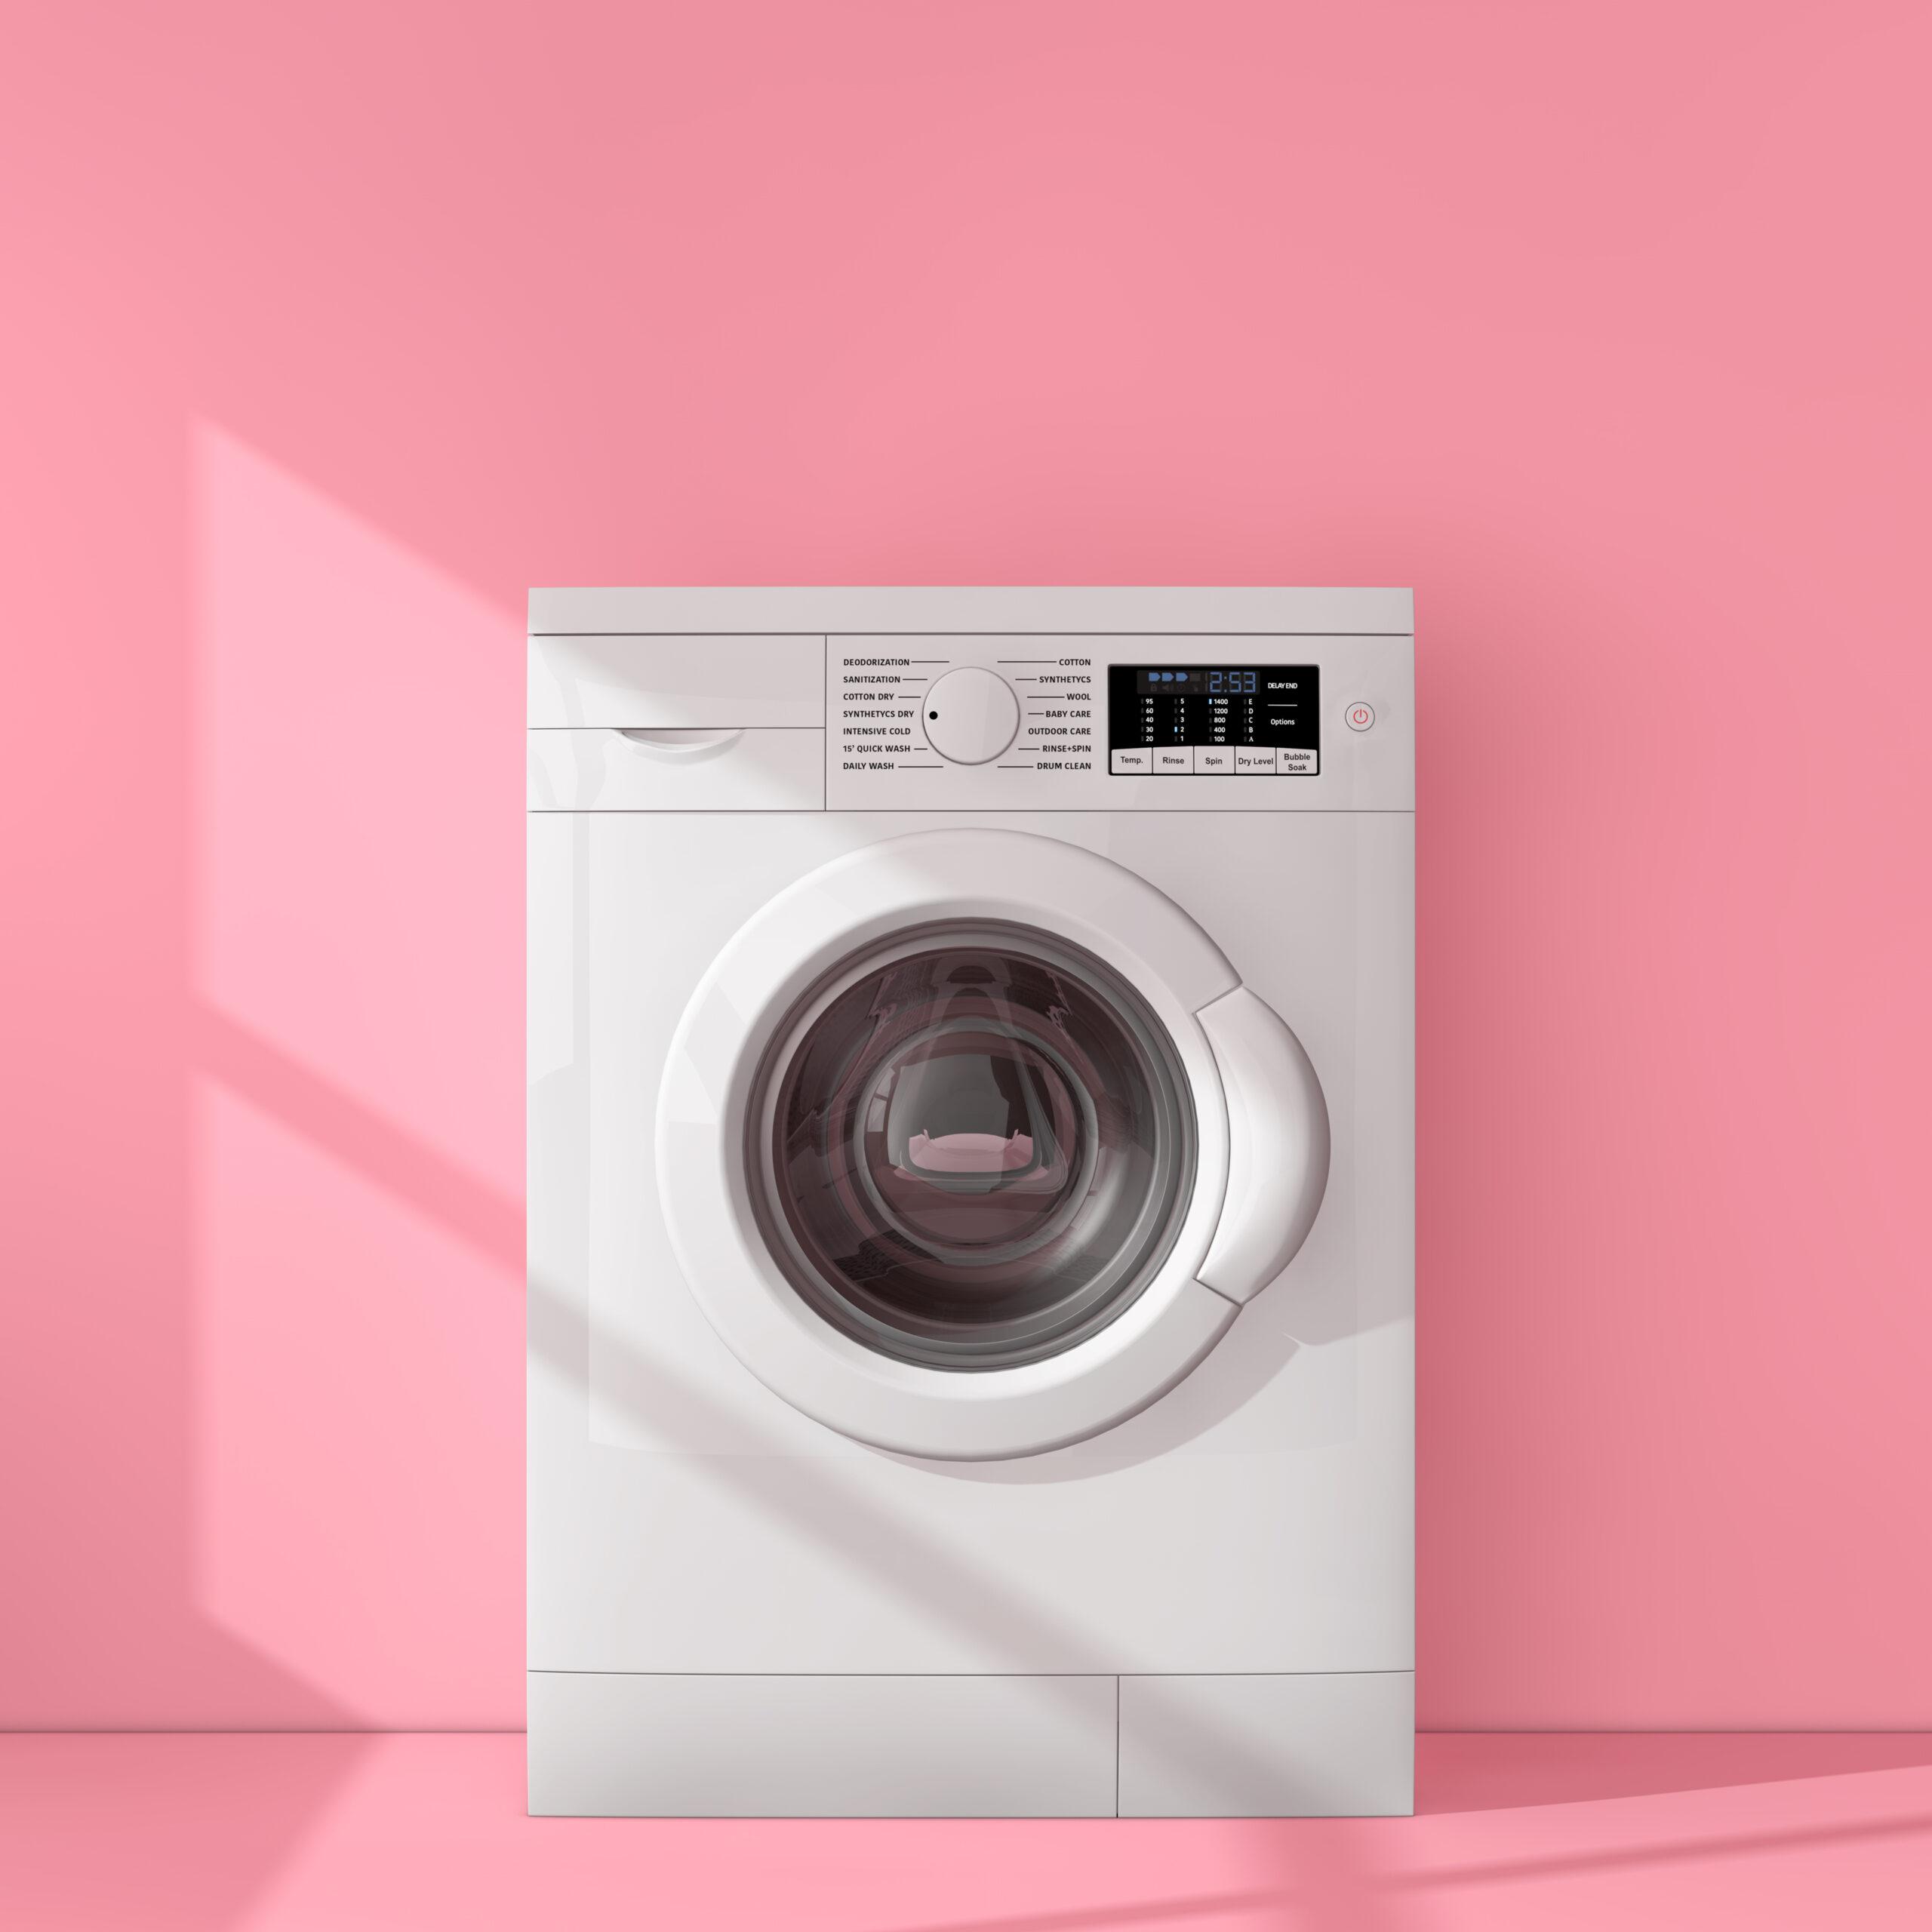 方法4:手洗い or 洗濯ネットに入れる